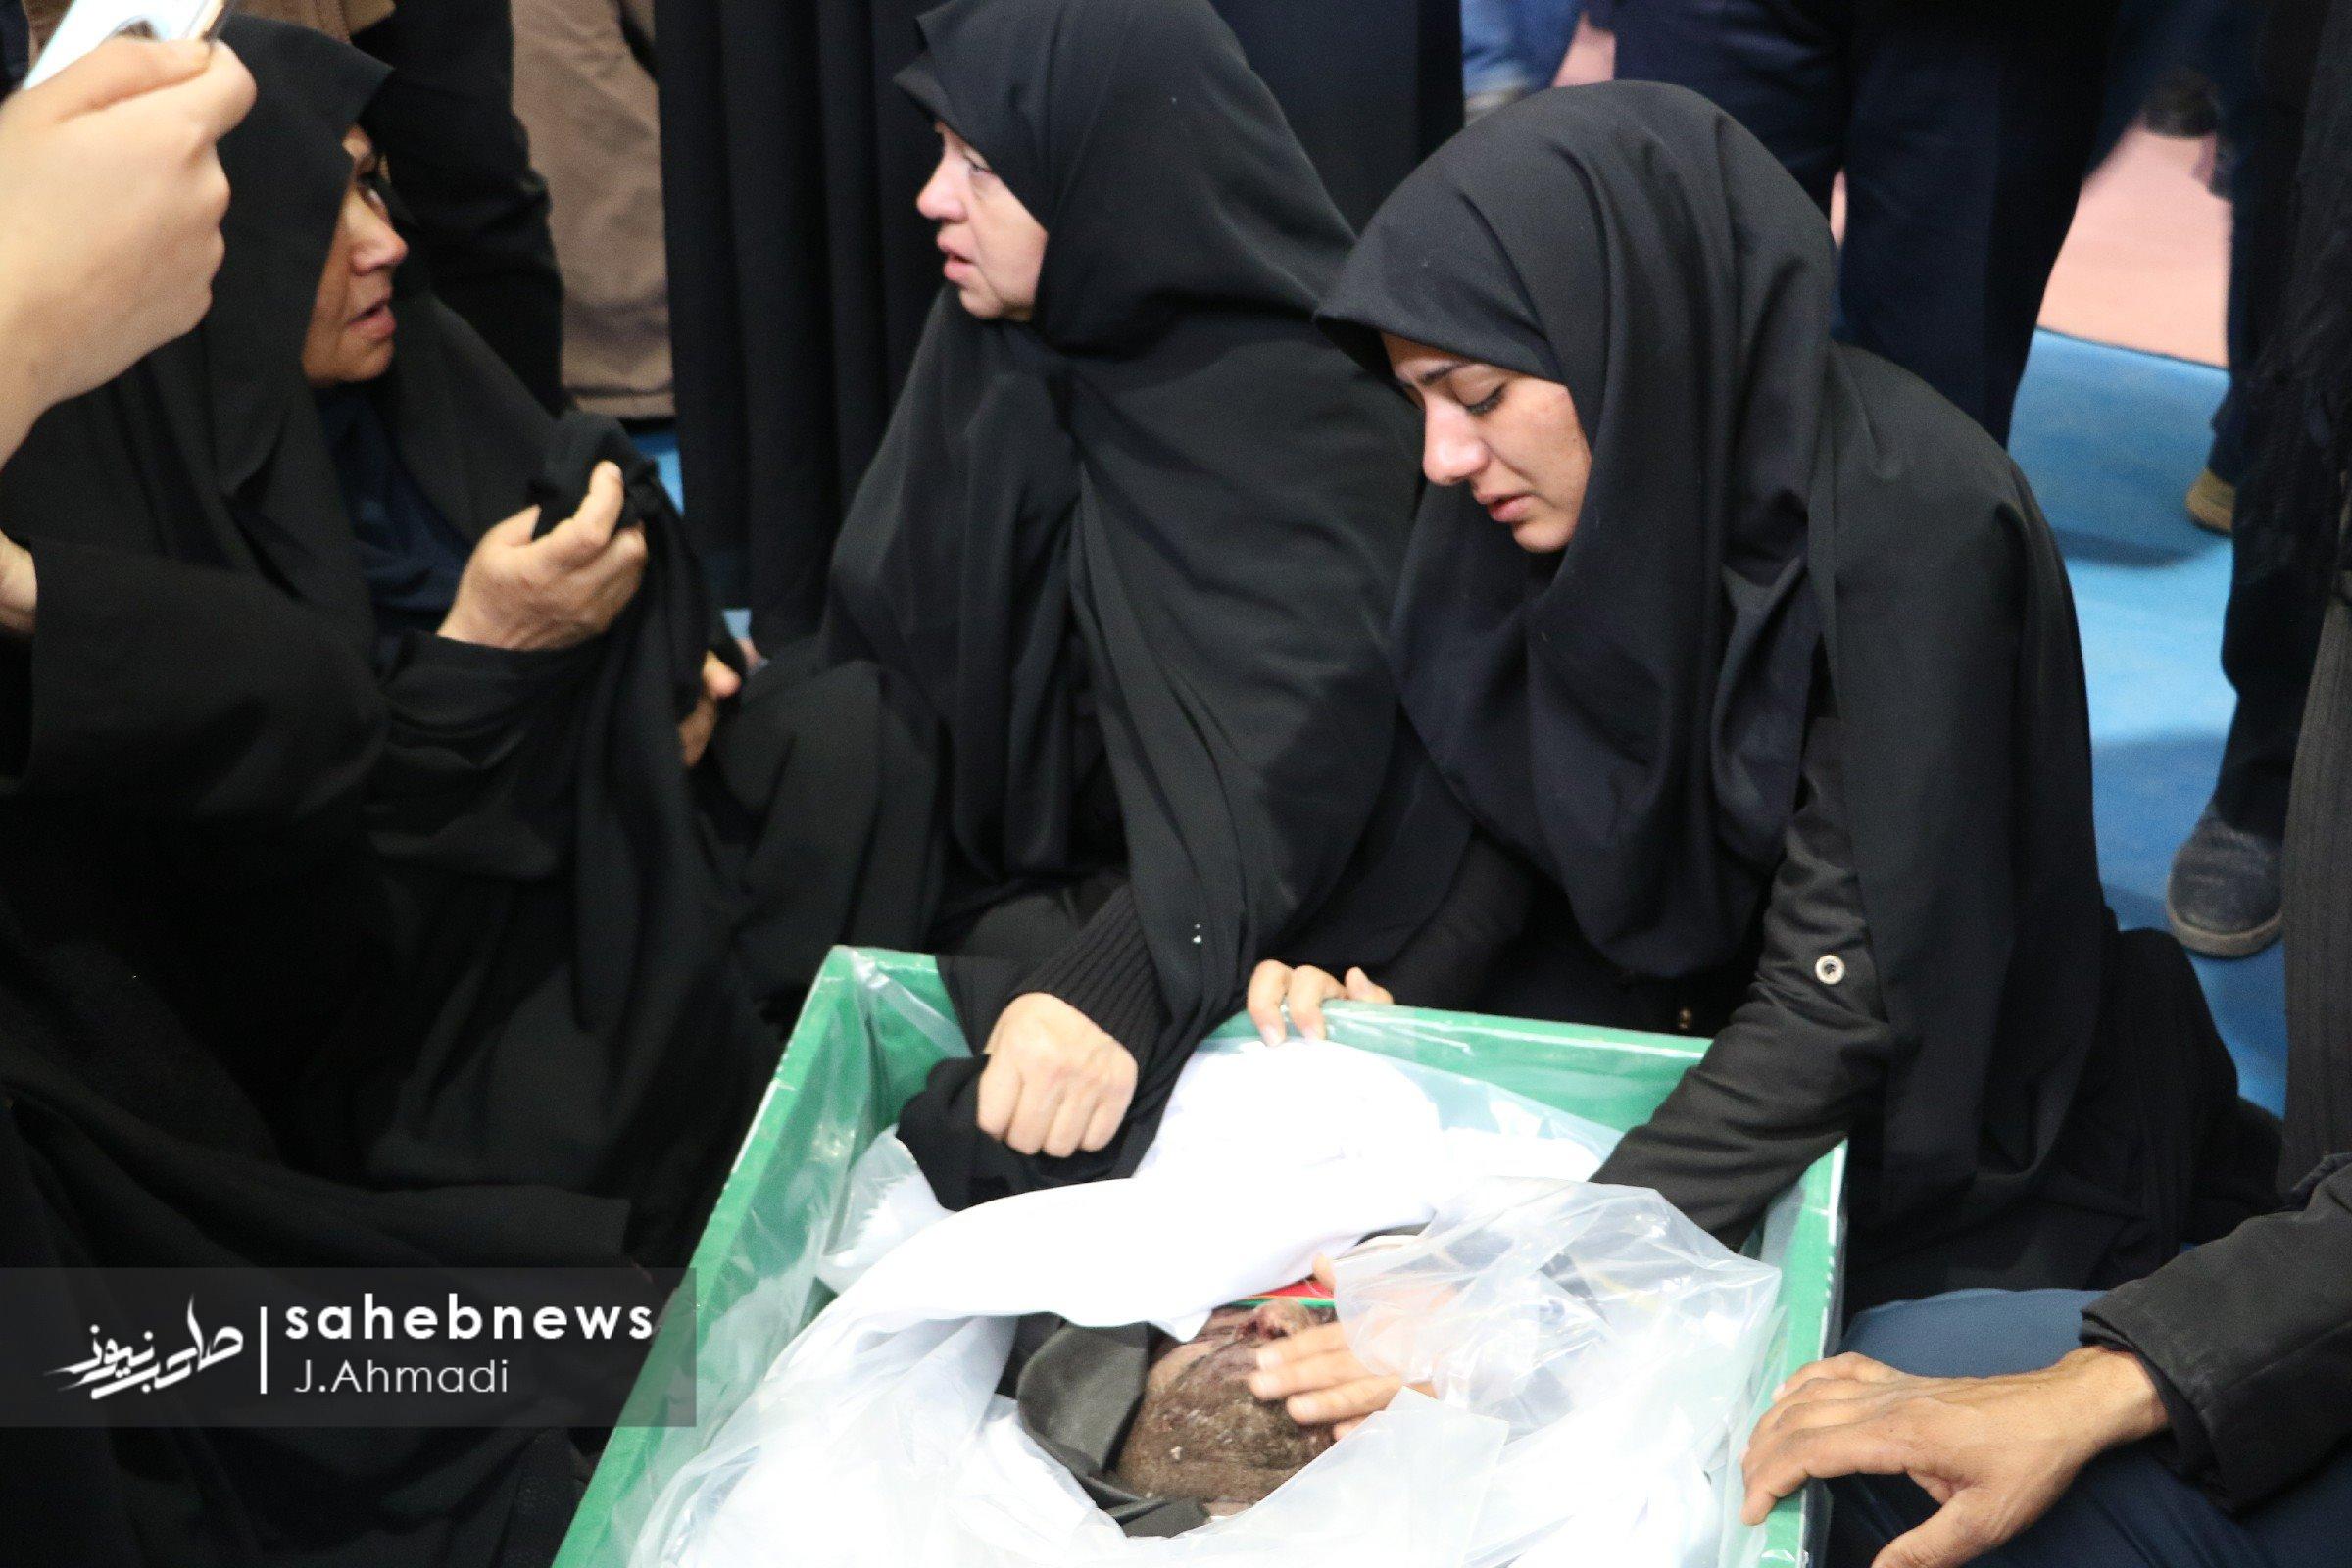 27 شهید حادثه تروریستی اصفهان (10)